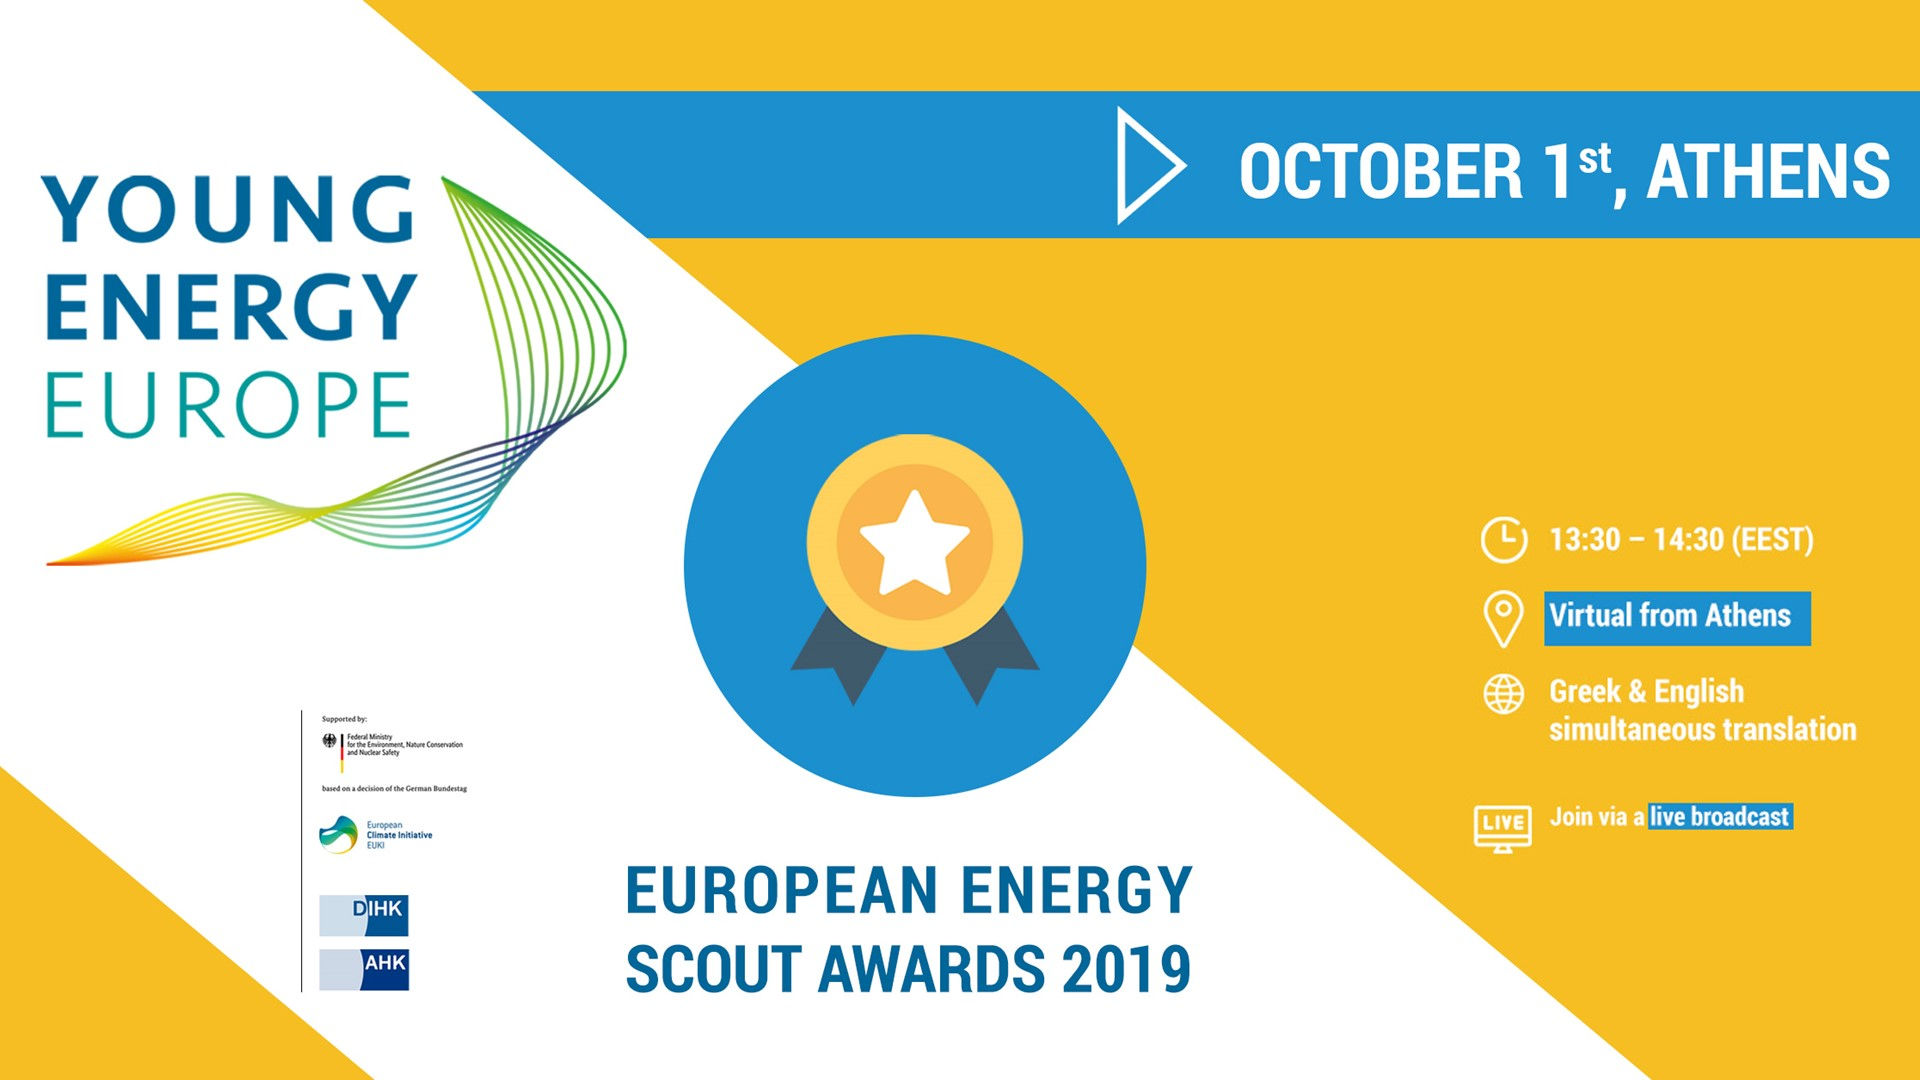 """Αύριο η τελετή απονομής των ευρωπαϊκών βραβείων """"Energy Scouts"""" 2019 στο πλαίσιο του έργου Young Energy Europe"""